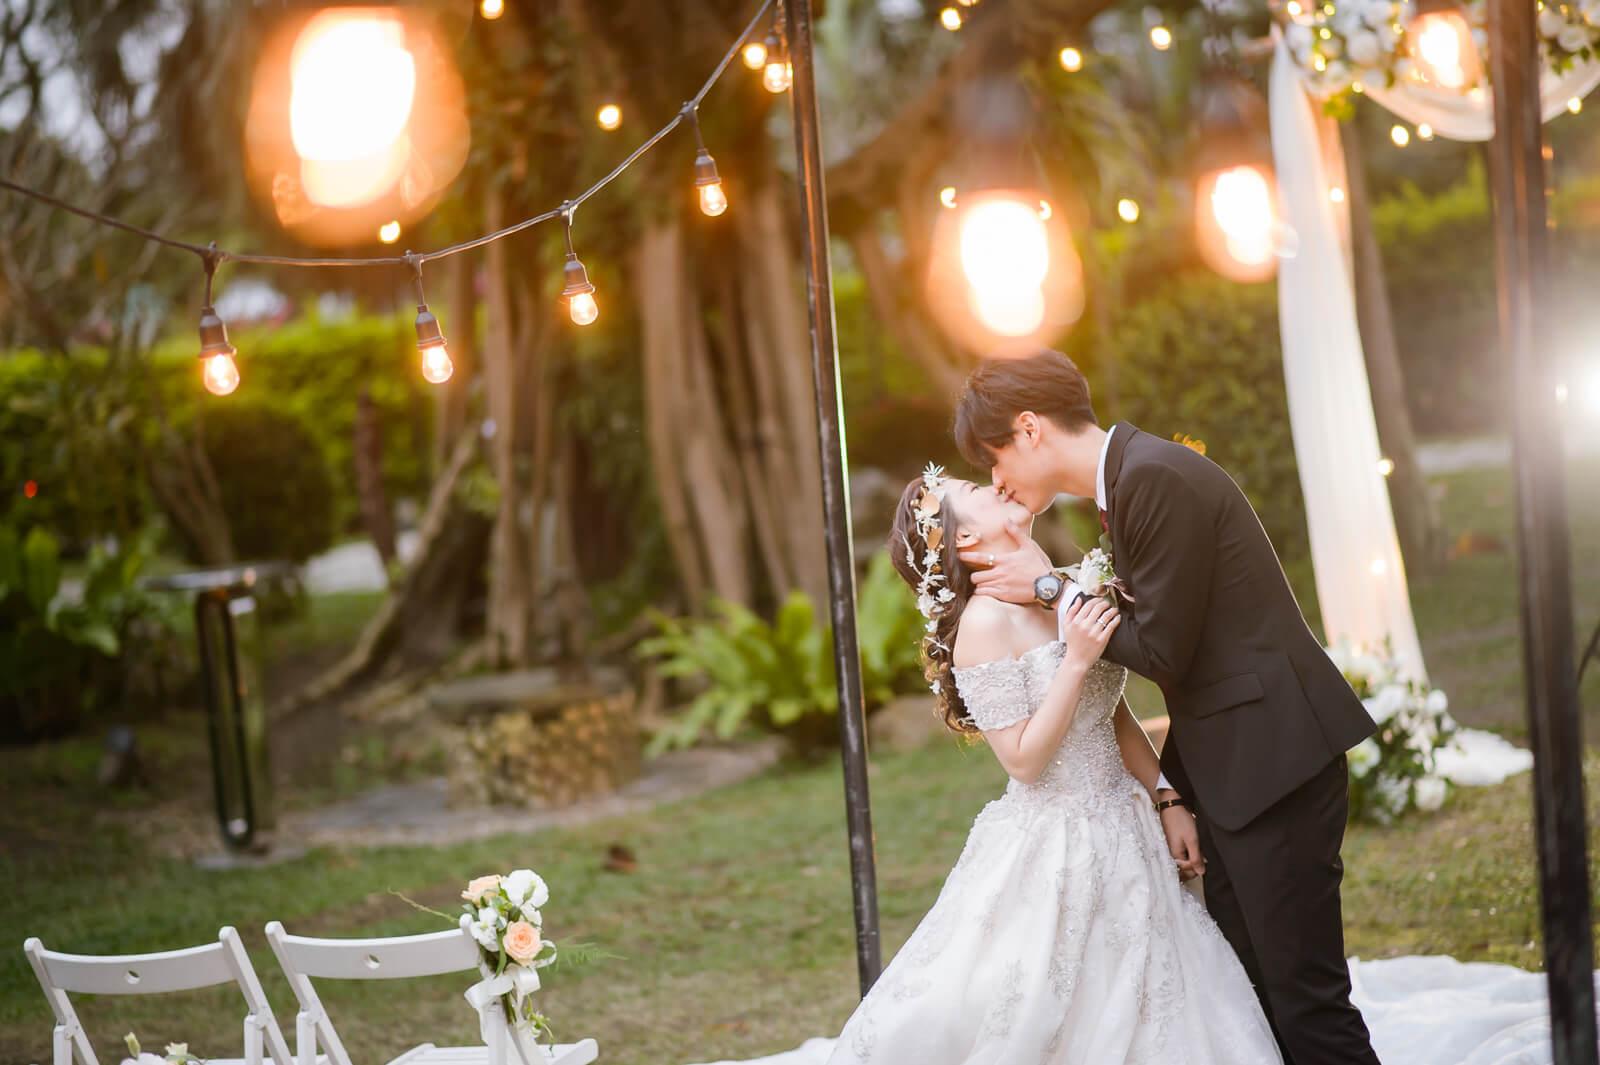 《婚攝》綠風草原|美式婚禮|派對婚禮